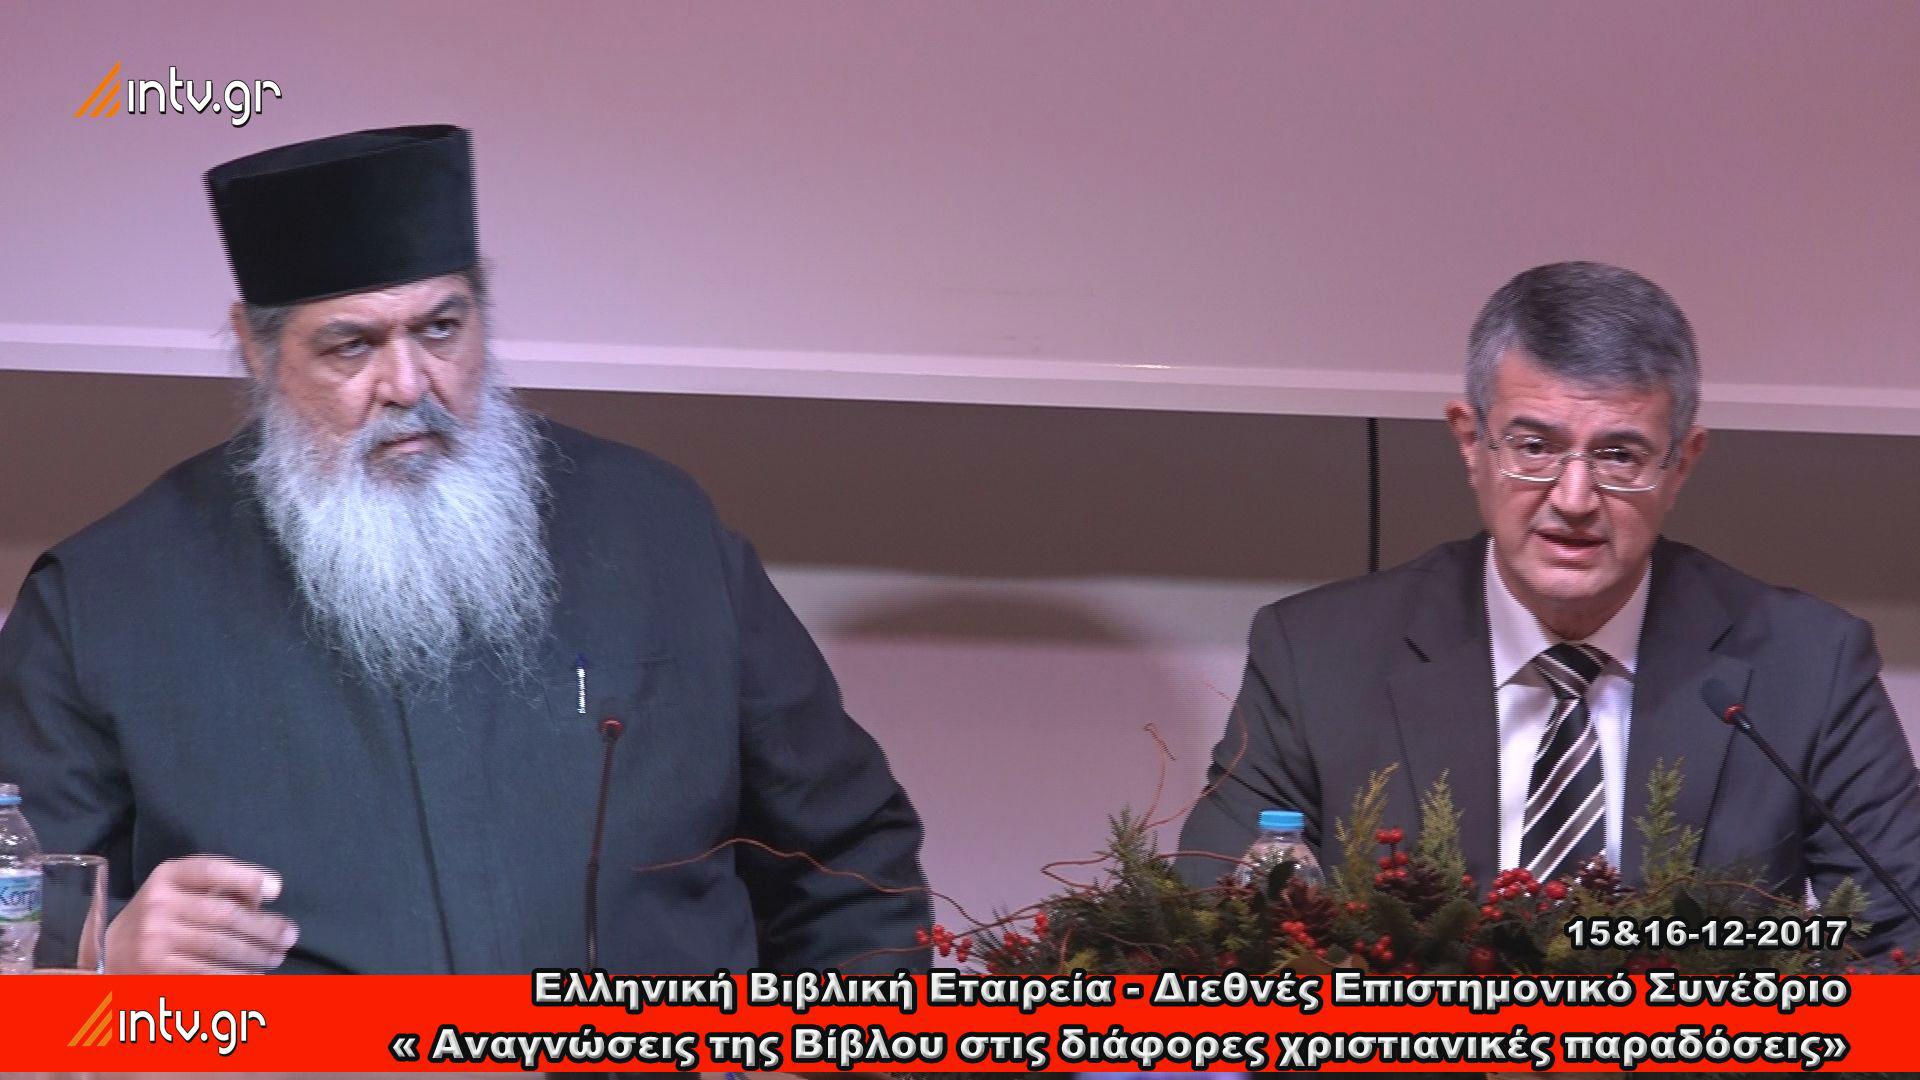 Ελληνική Βιβλική Εταιρεία - Διεθνές Επιστημονικό Συνέδριο - « Αναγνώσεις της Βίβλου στις διάφορες χριστιανικές παραδόσεις»